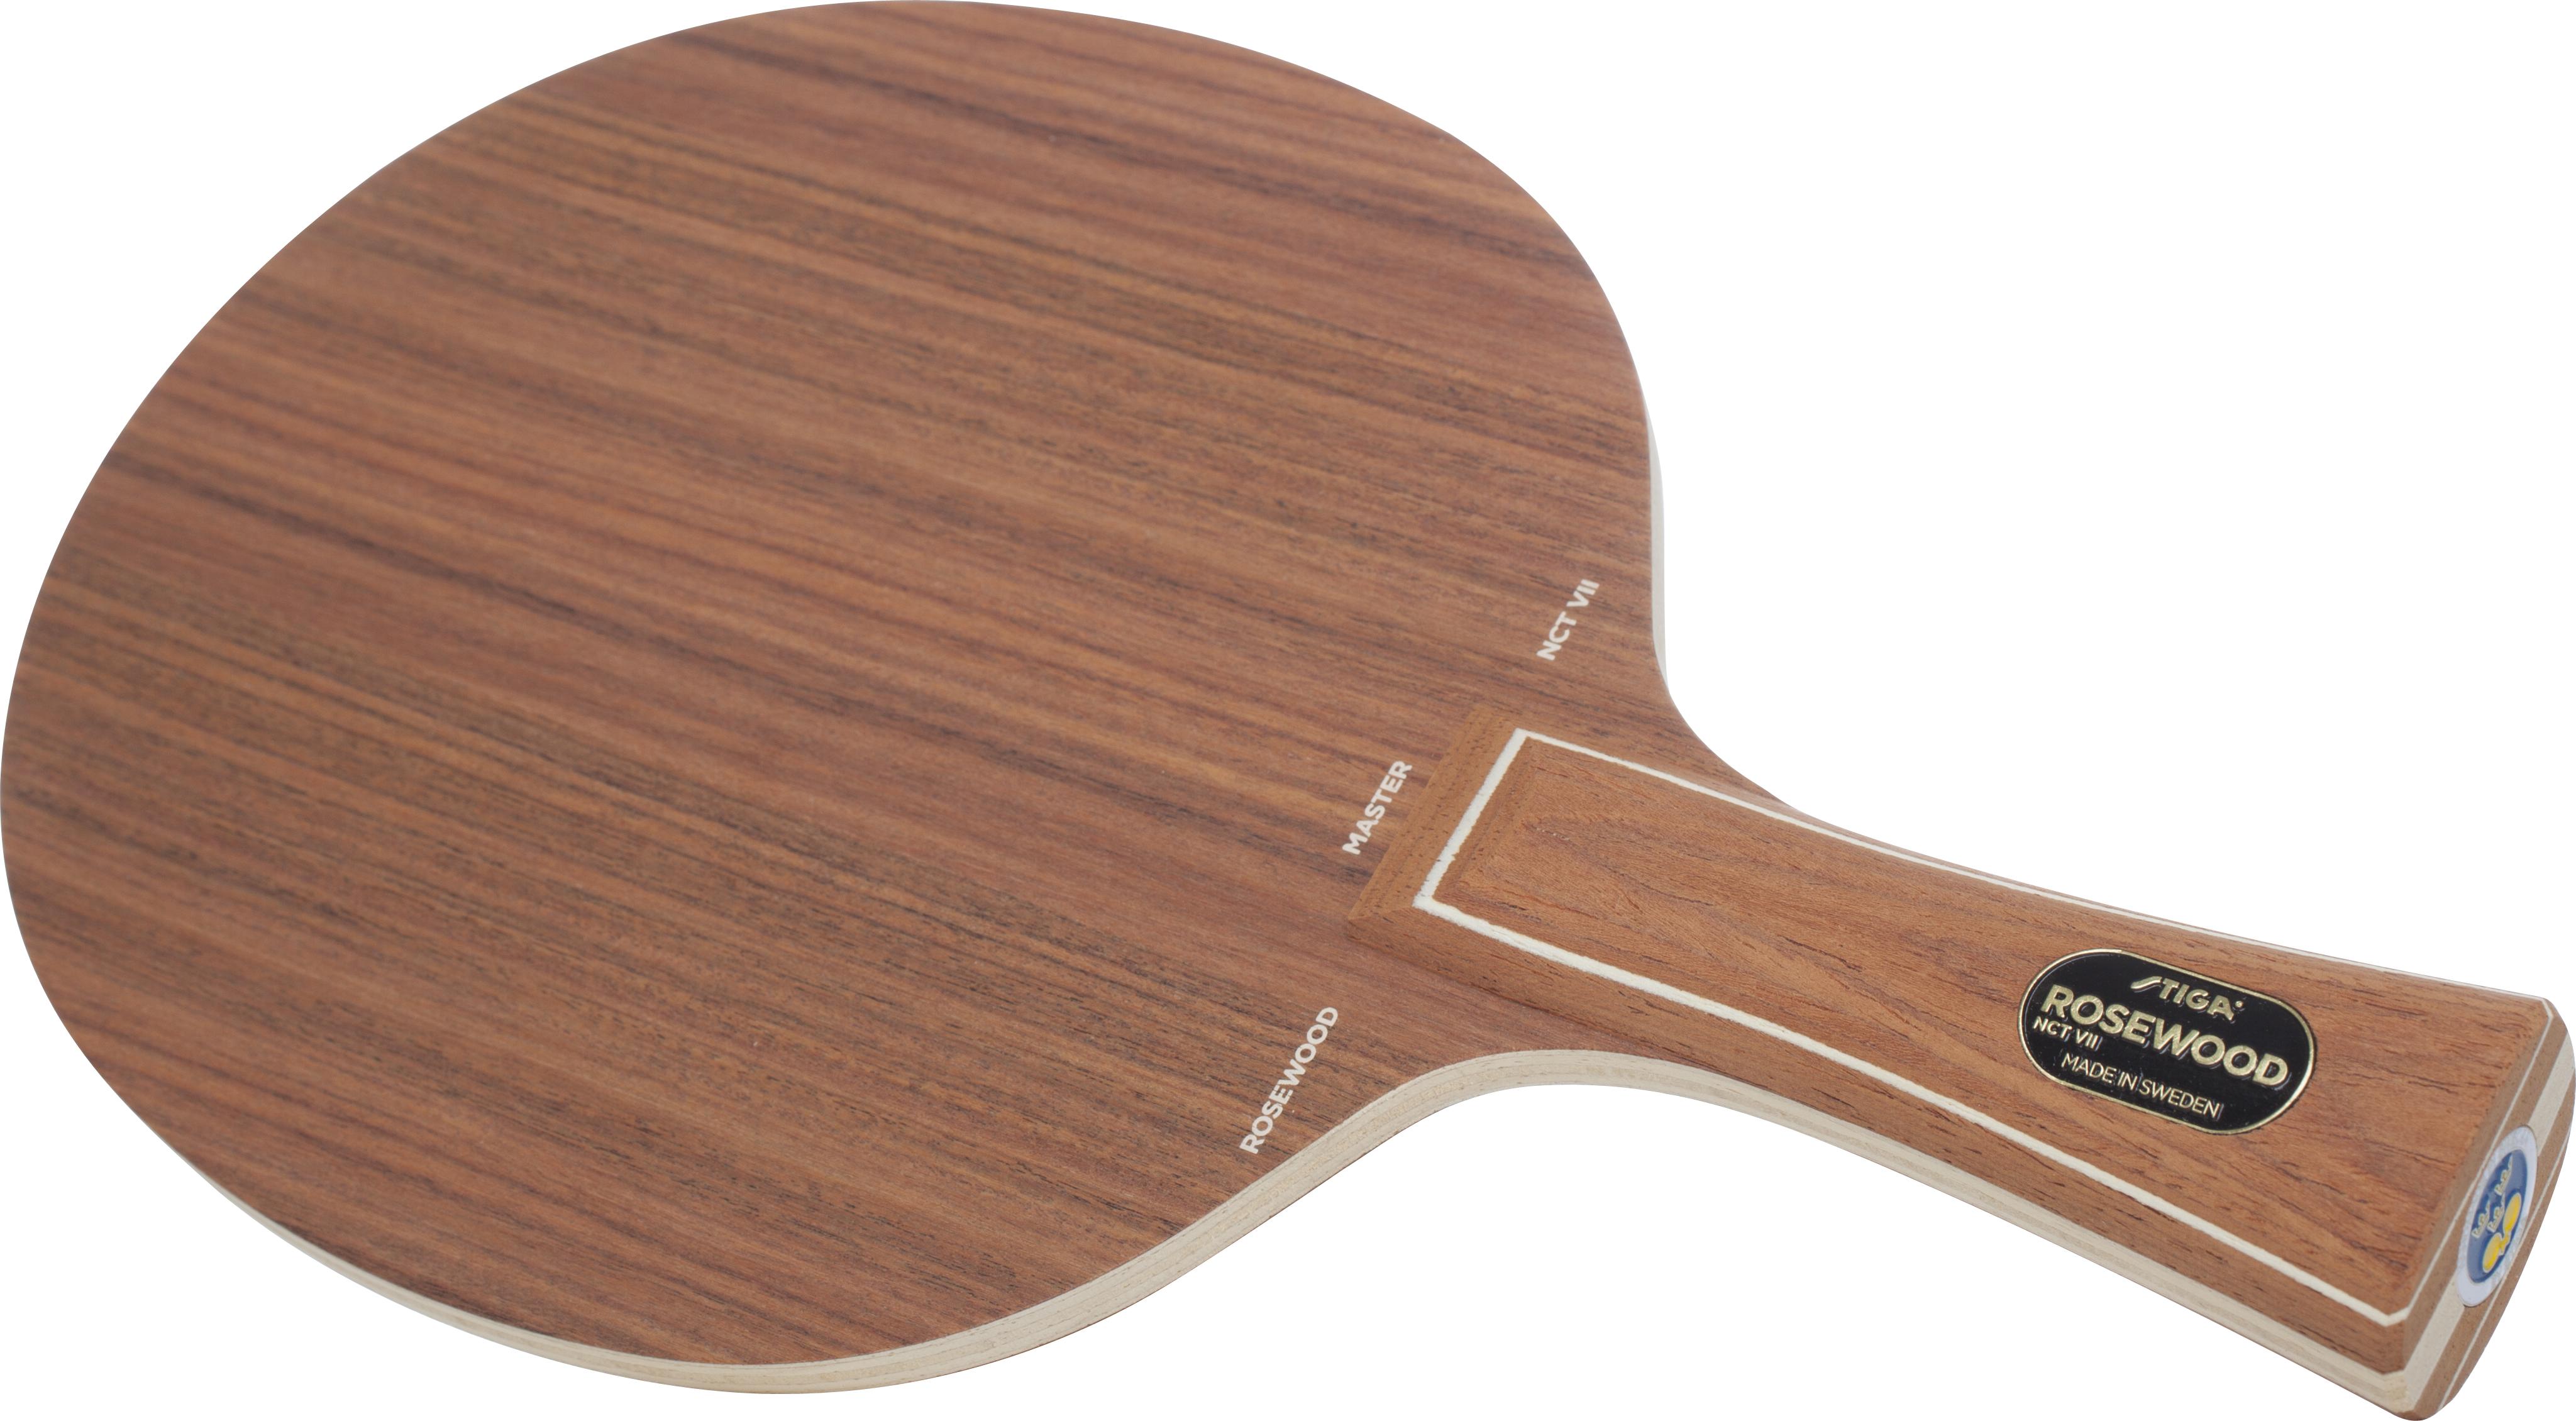 stiga-rosewood-nct-vii-tischtennis-holz